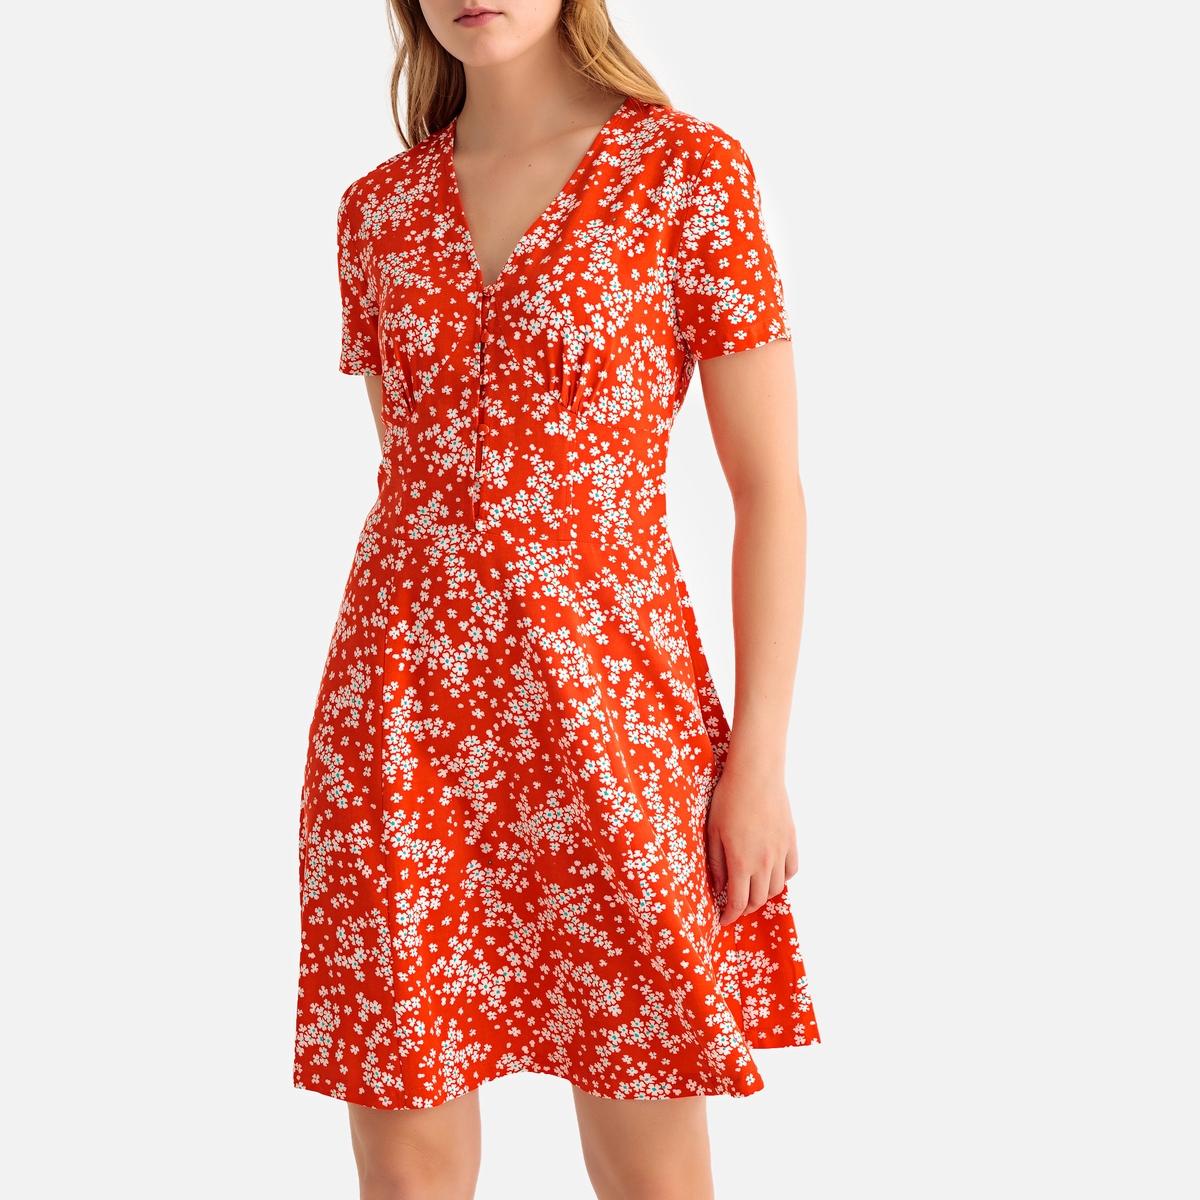 Платье La Redoute Короткое расклешенное с короткими рукавами 46 (FR) - 52 (RUS) красный платье миди la redoute расклешенное с короткими рукавами 42 fr 48 rus красный